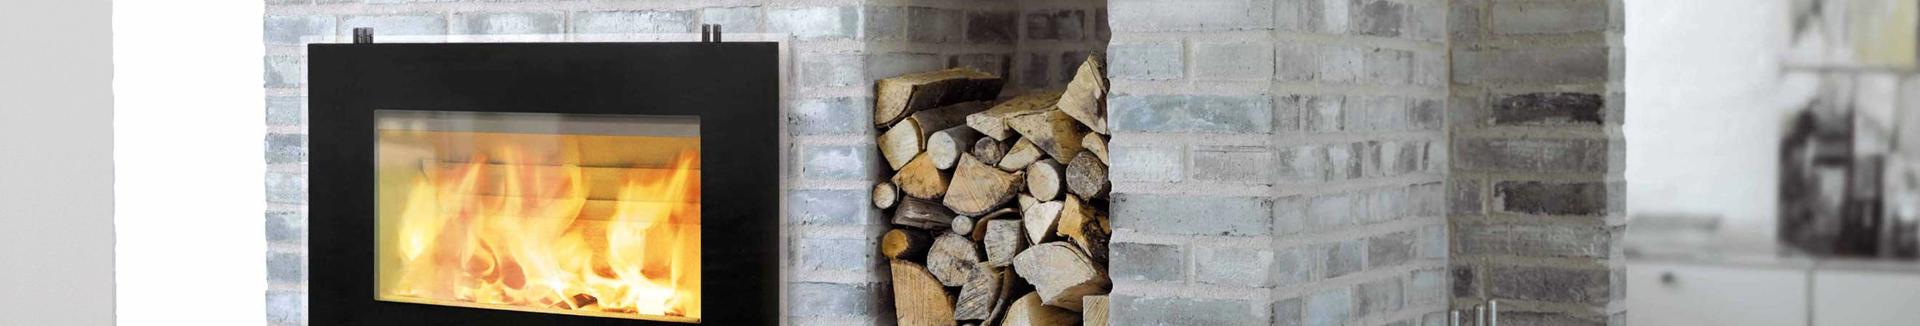 installation af pejs og brændeovn